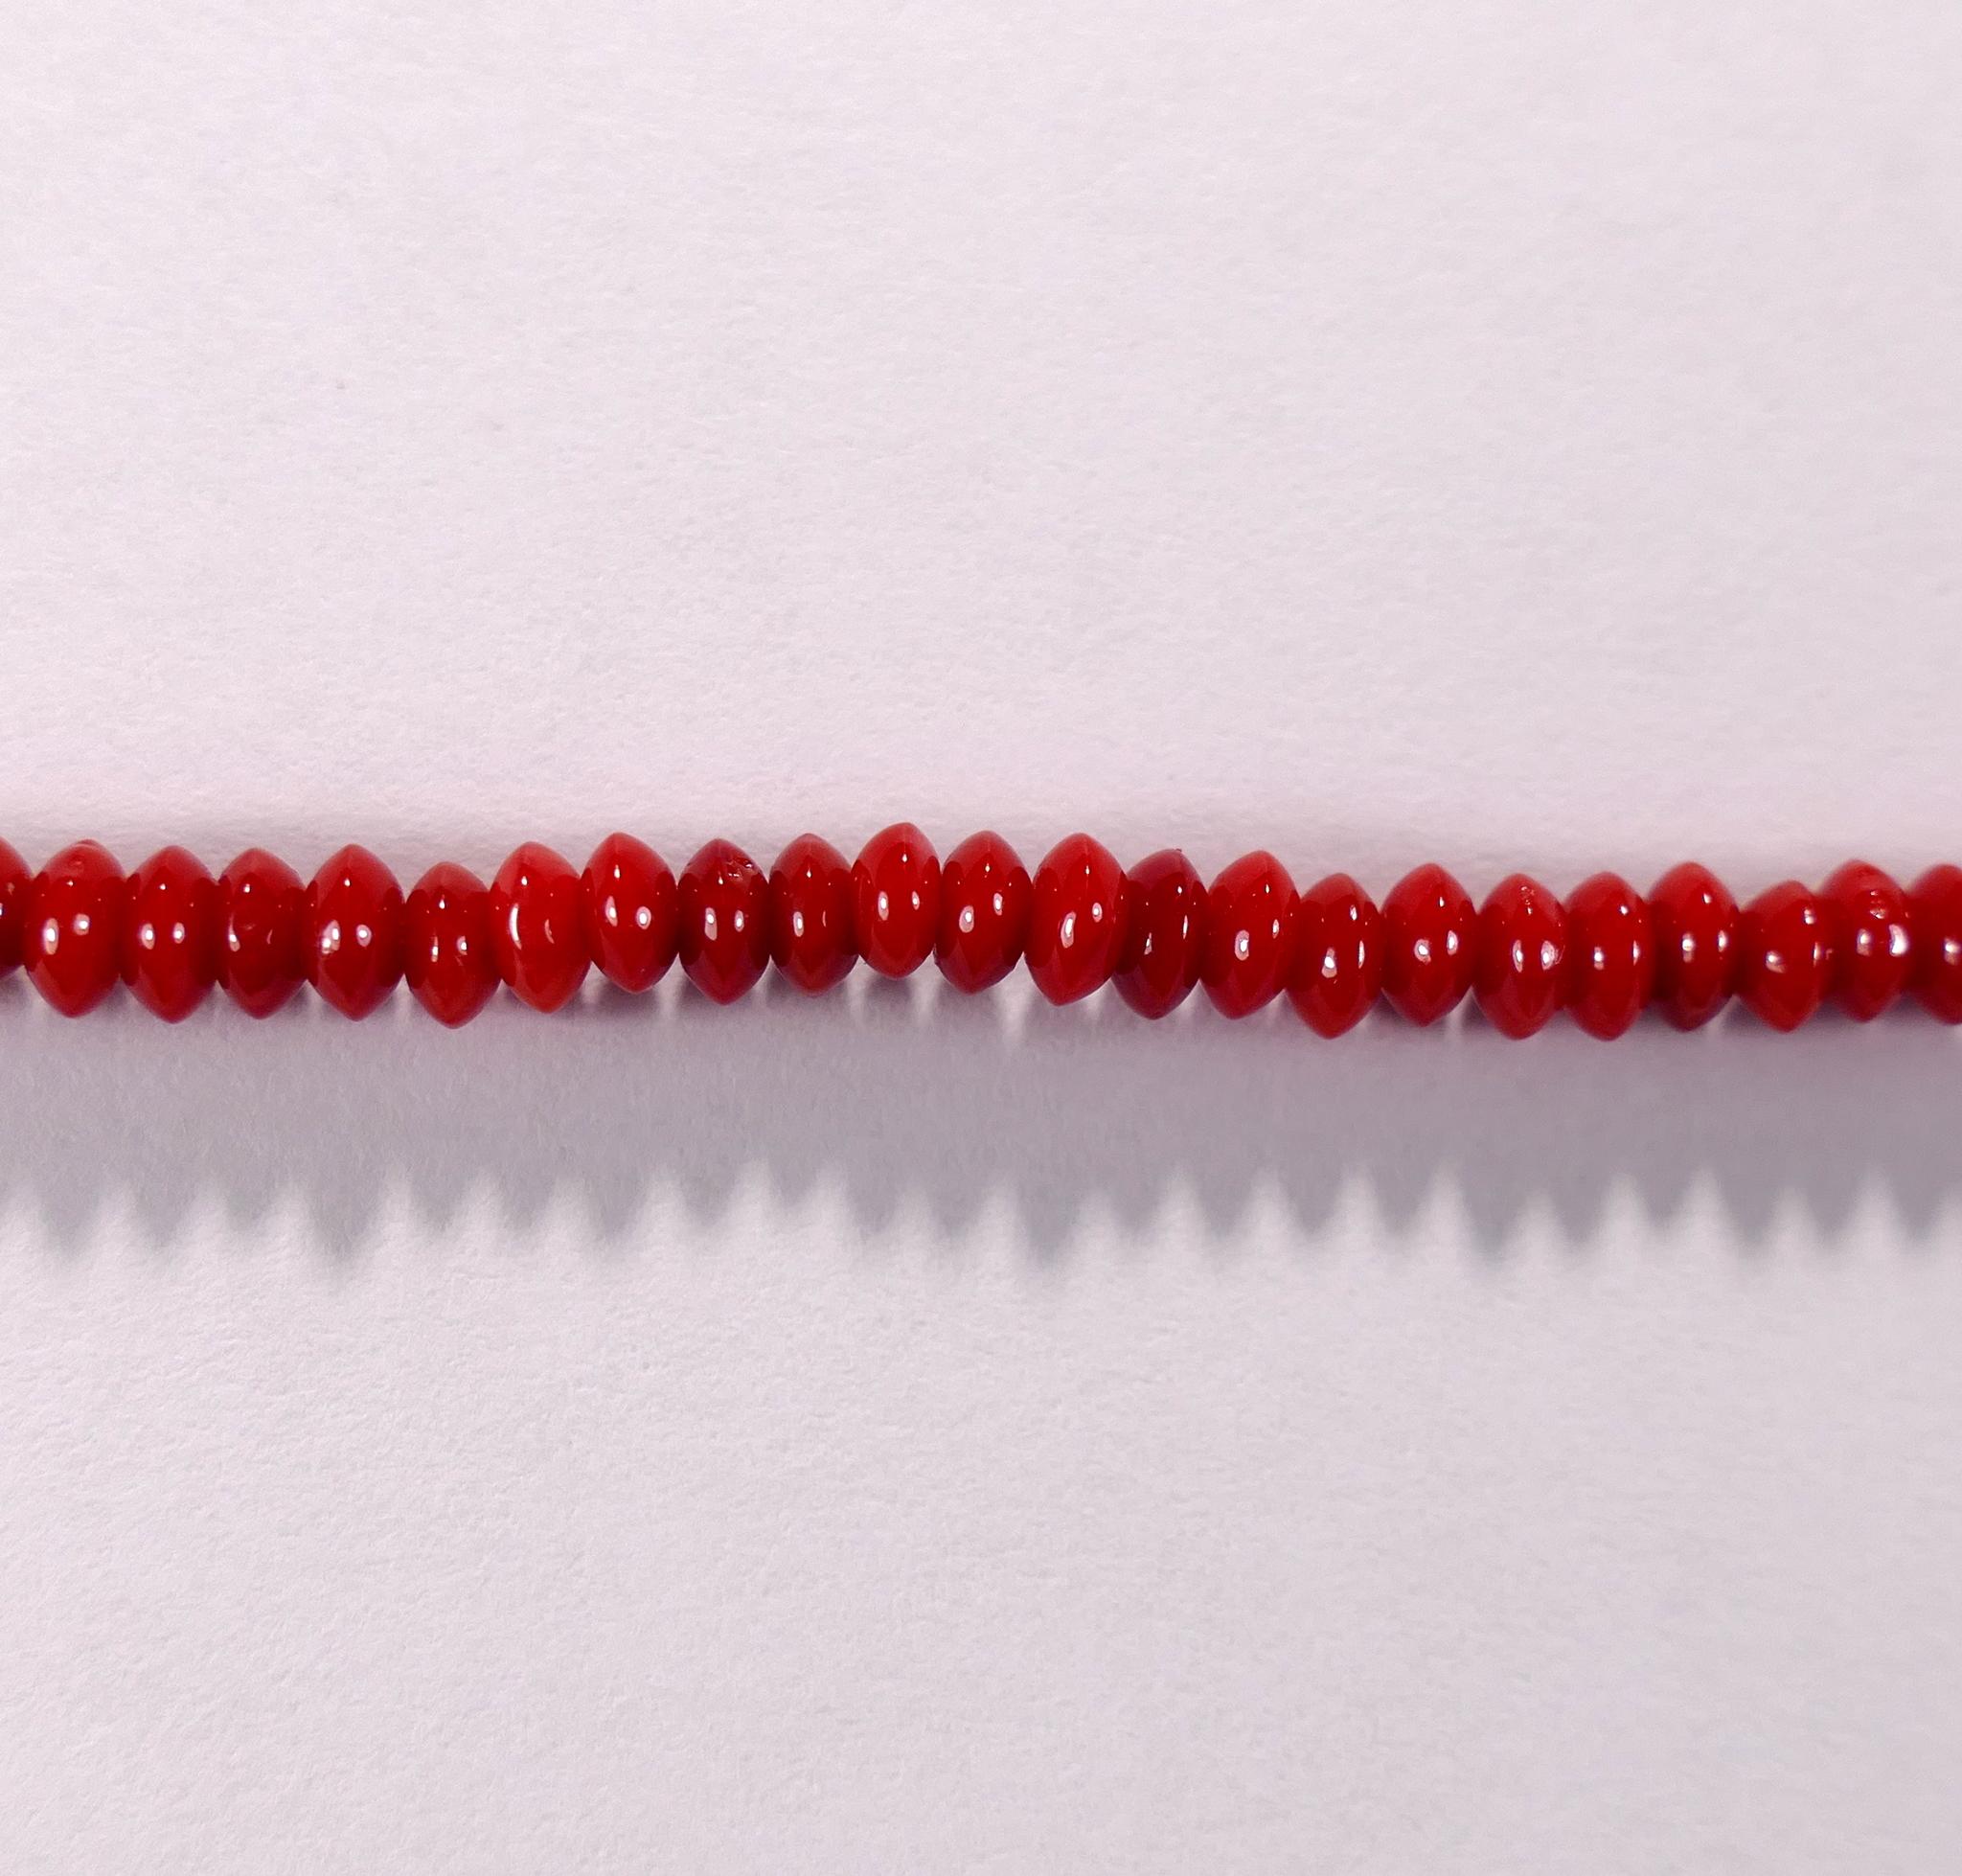 Бусина из коралла красного, облагороженного, фигурная, 2x4 мм (рондель плоская, гладкая)